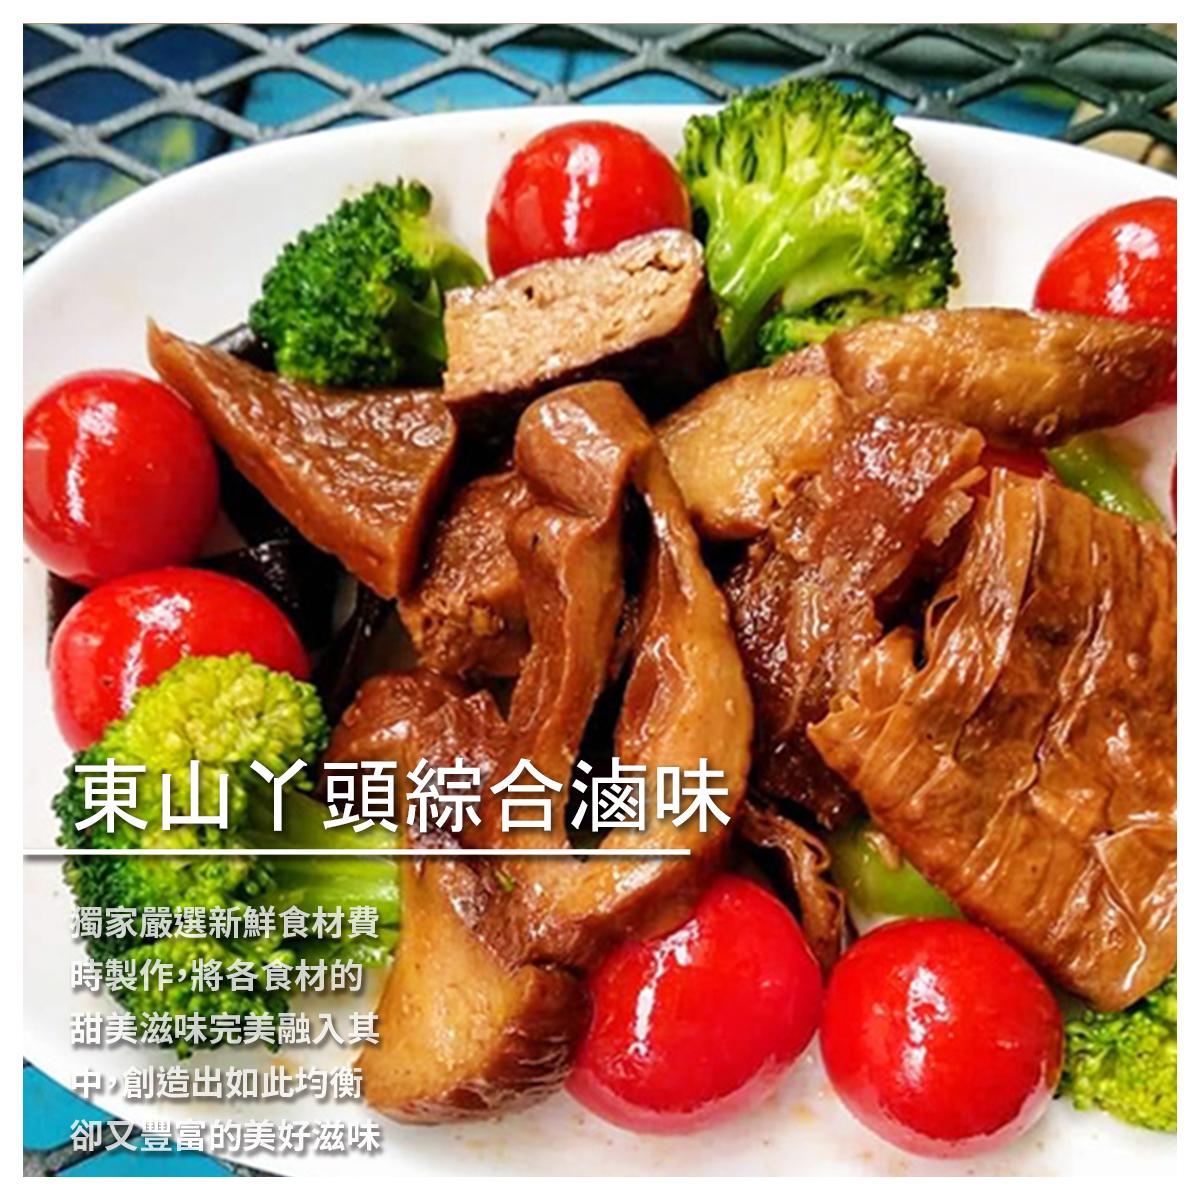 【妙緣素食】東山丫頭綜合滷味 1200g